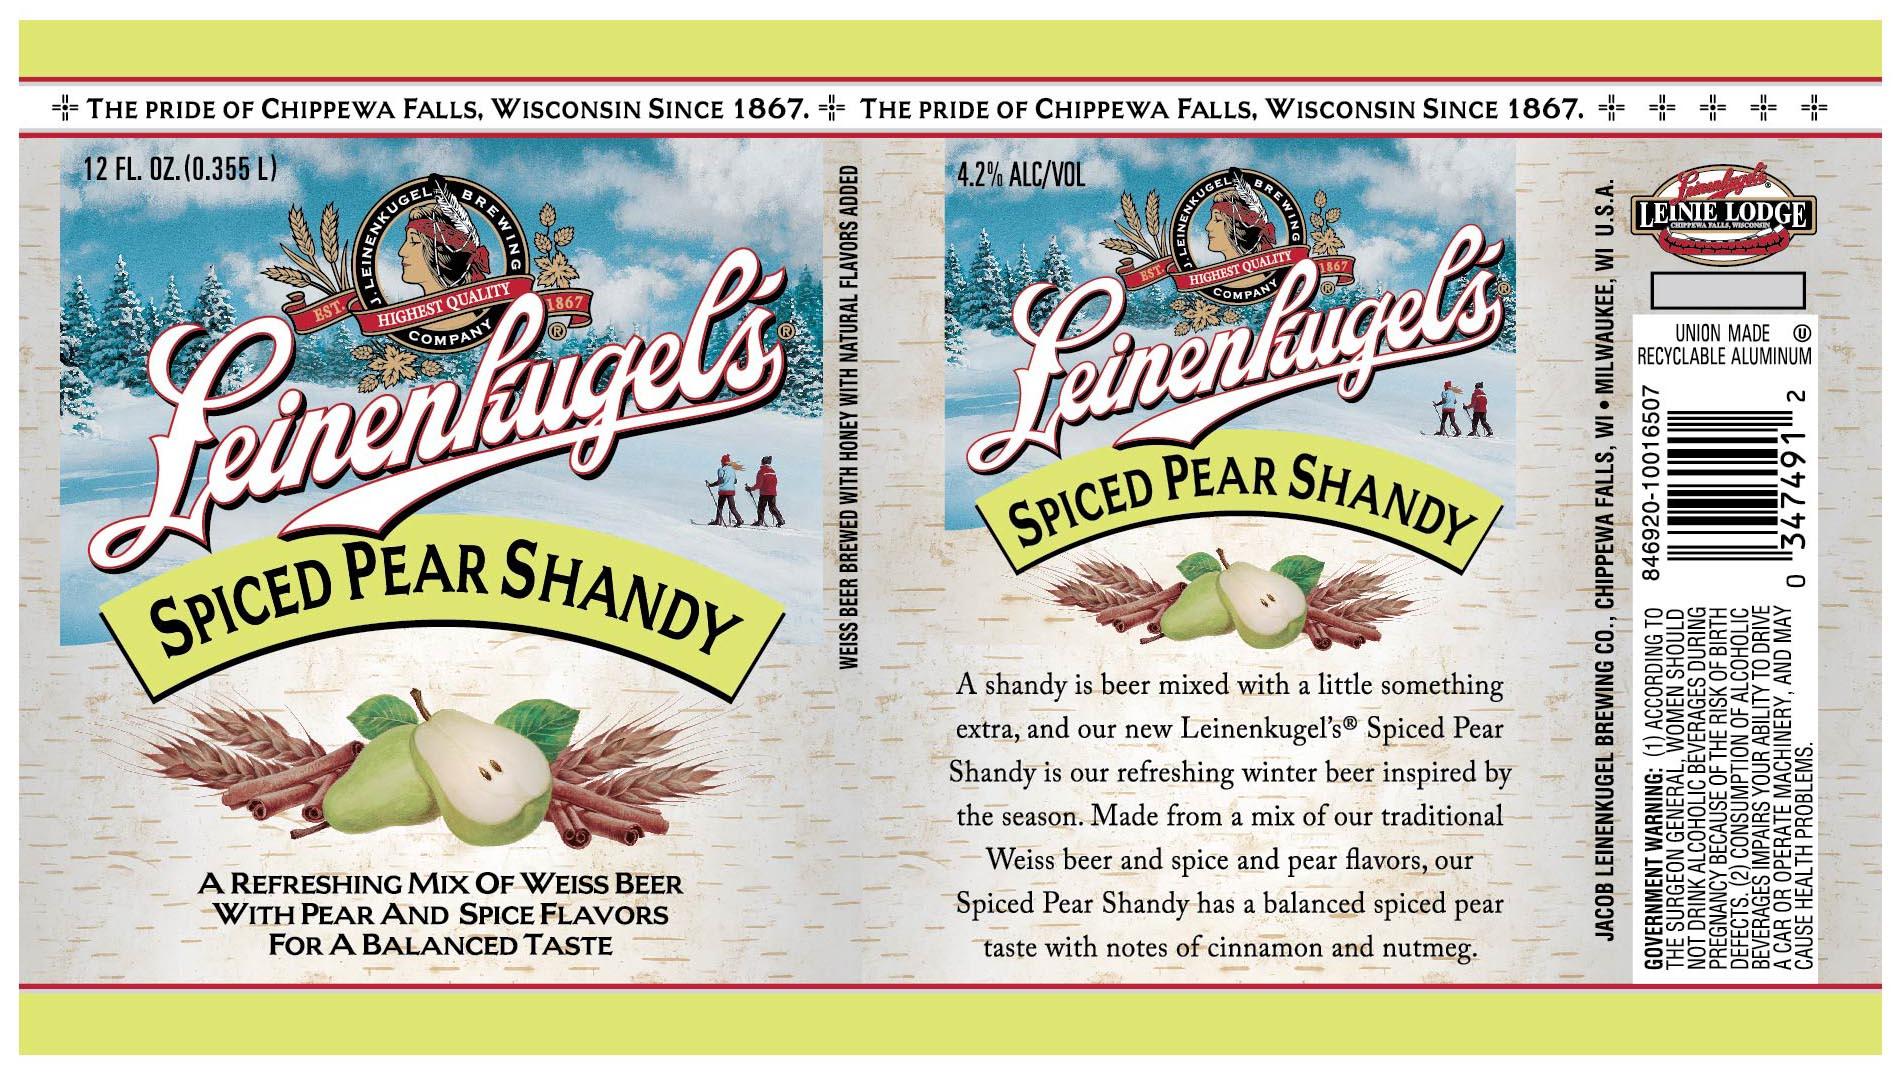 Where to buy leinenkugel s grapefruit shandy - Leinenkugel S Spiced Pear Shandy